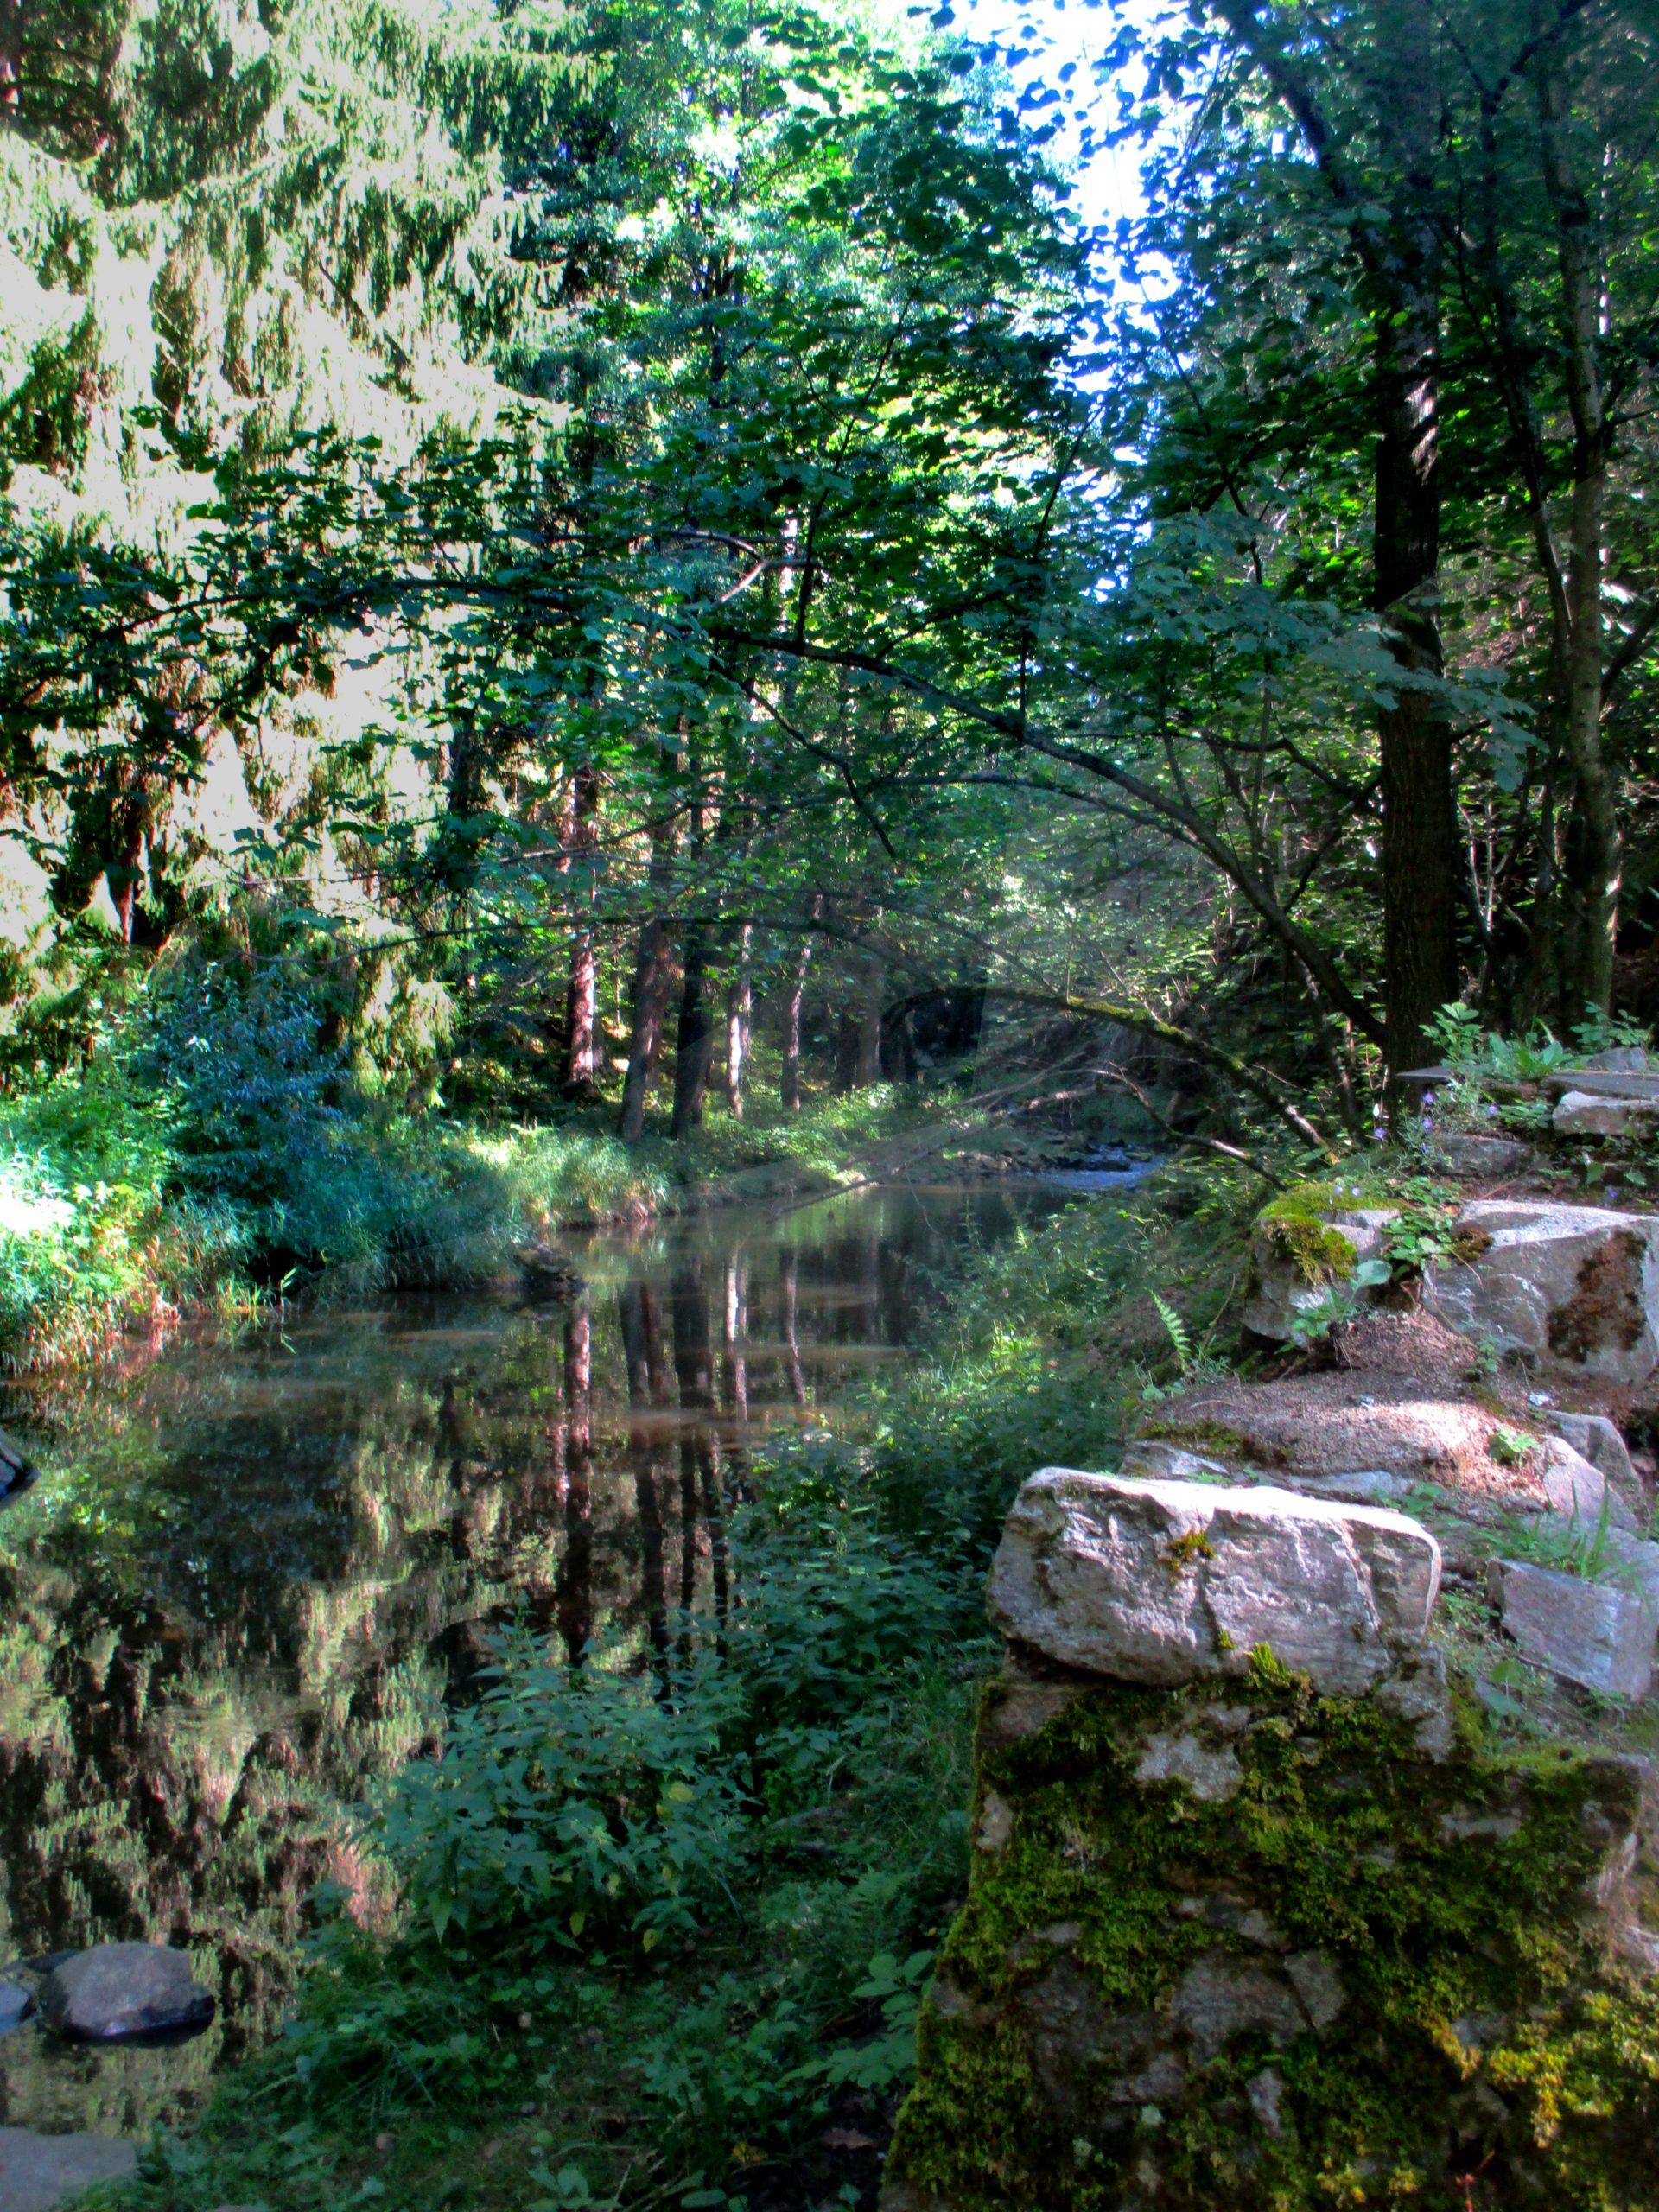 Ein Cah durchfießt einen Wald, die Bäume Spiegeln sich im Wasser